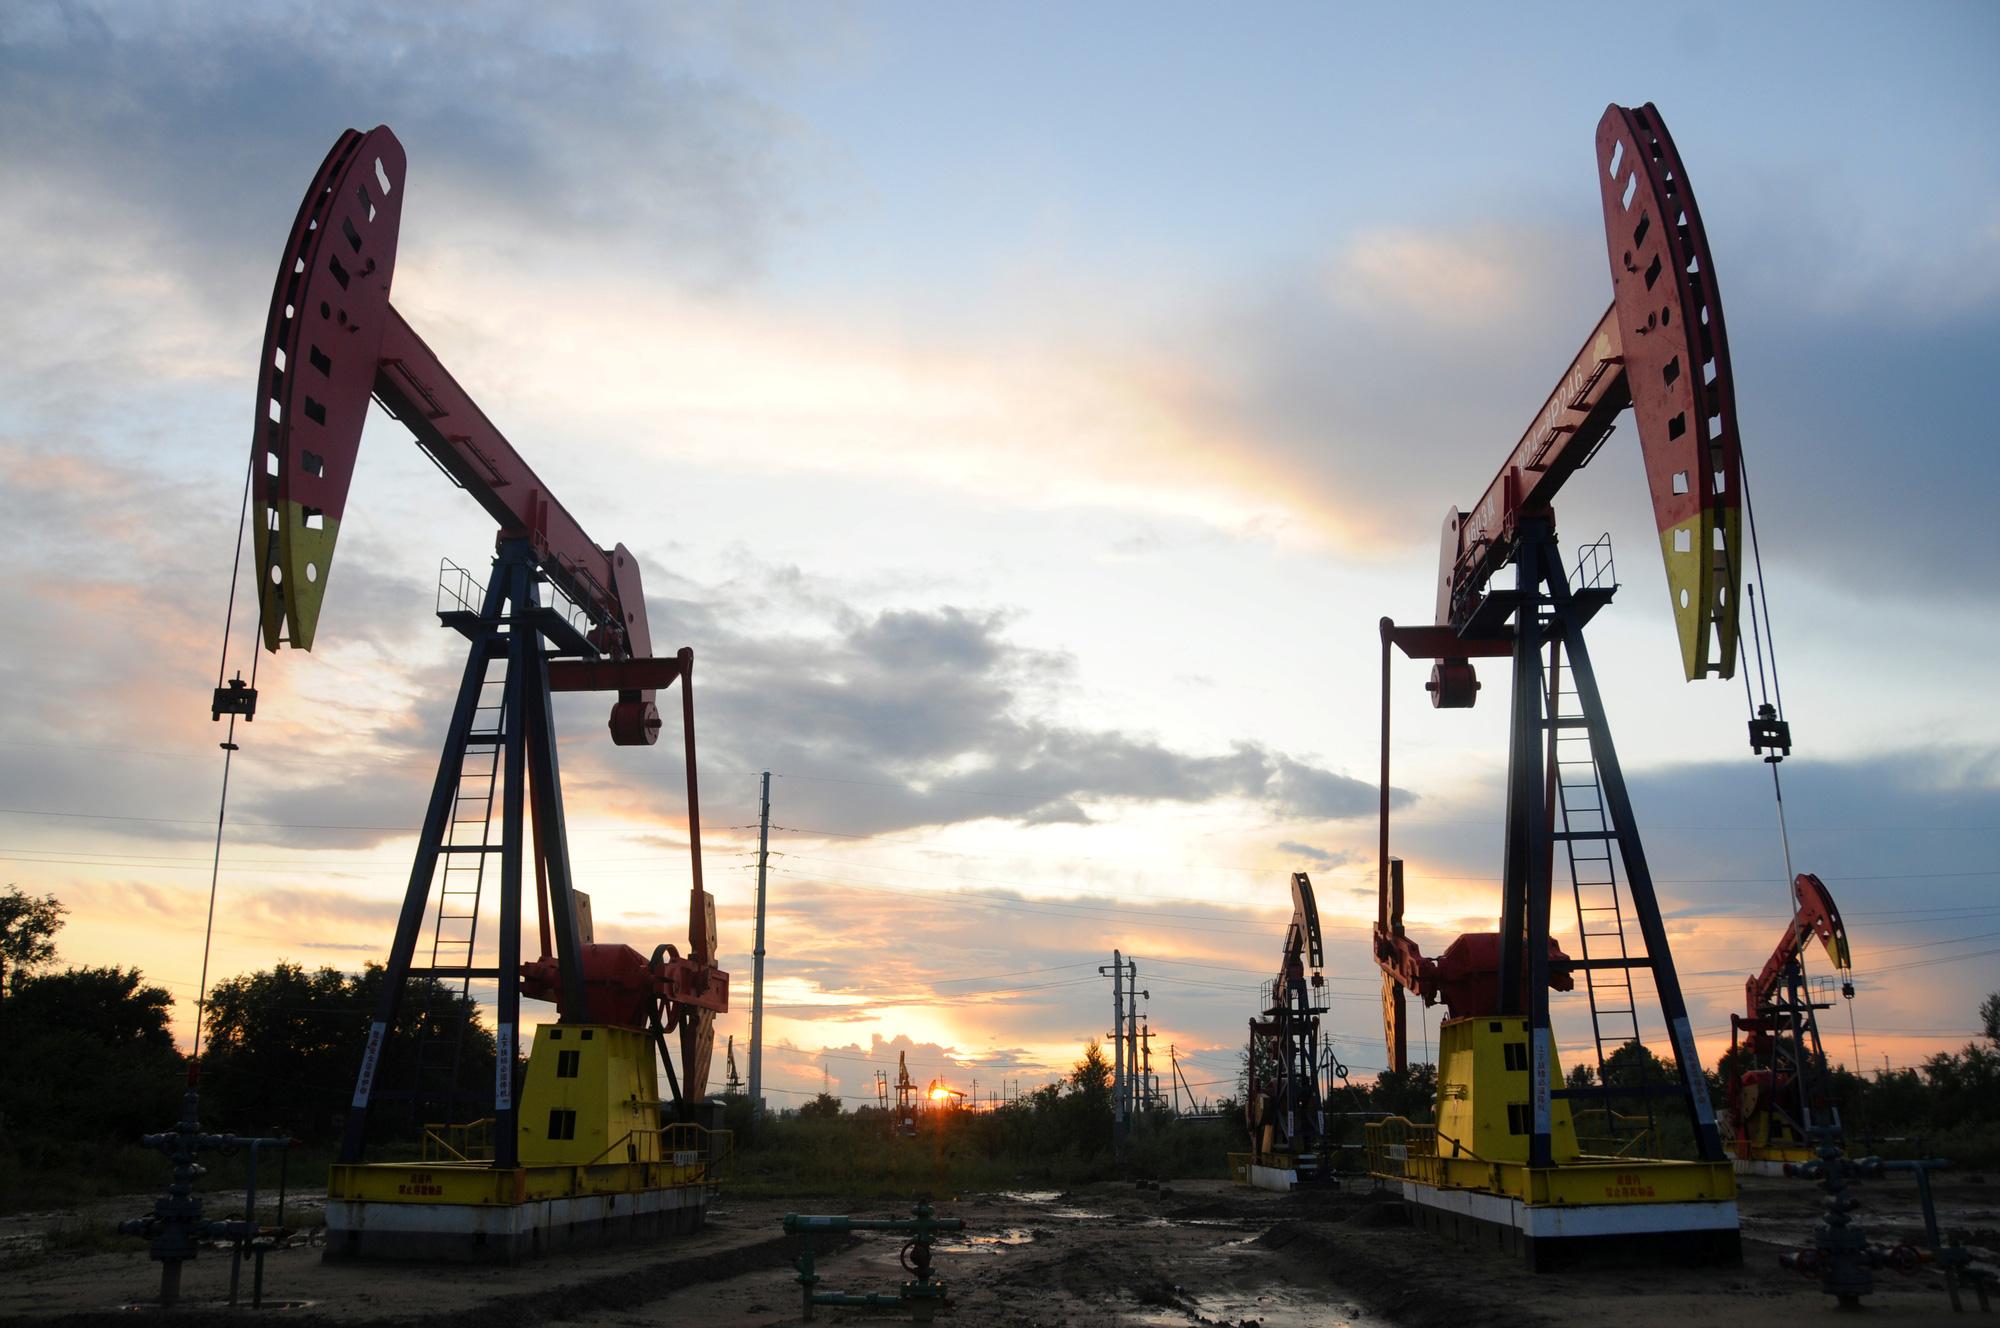 Giá xăng dầu hôm nay 5/7: Giá dầu giảm trở lại trong phiên giao đầu tuần - Ảnh 1.